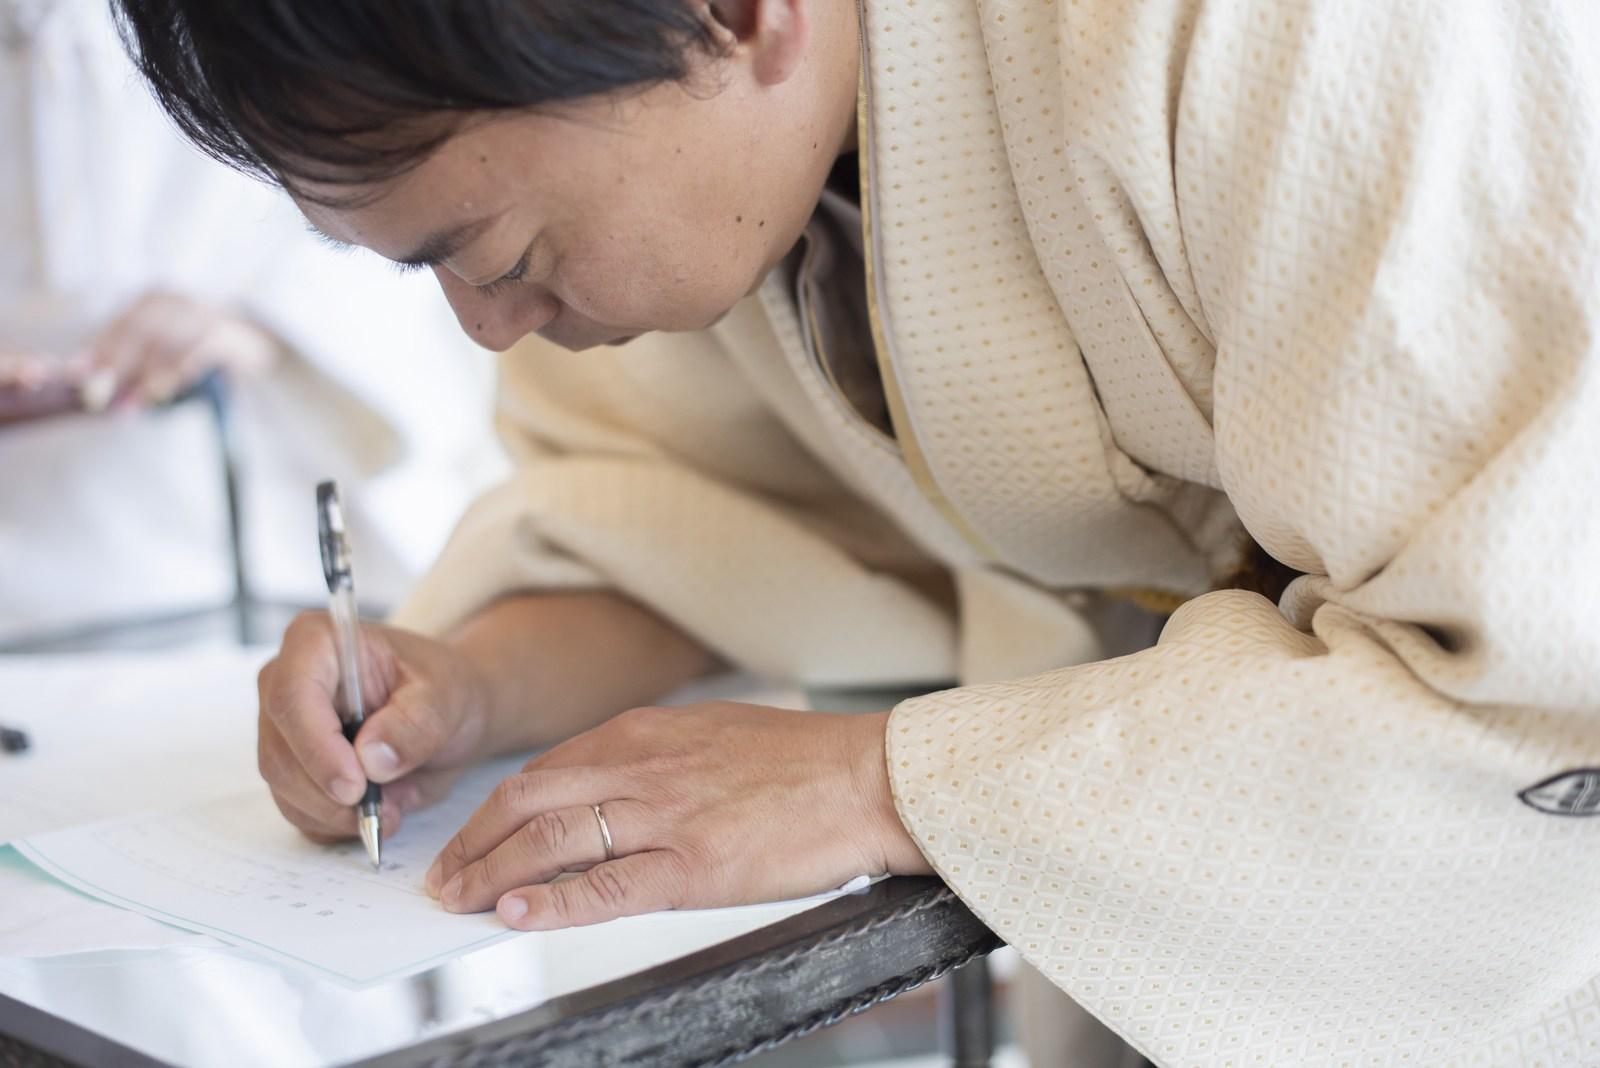 徳島市の結婚式場ブランアンジュの披露宴で婚姻届けにサインする新郎